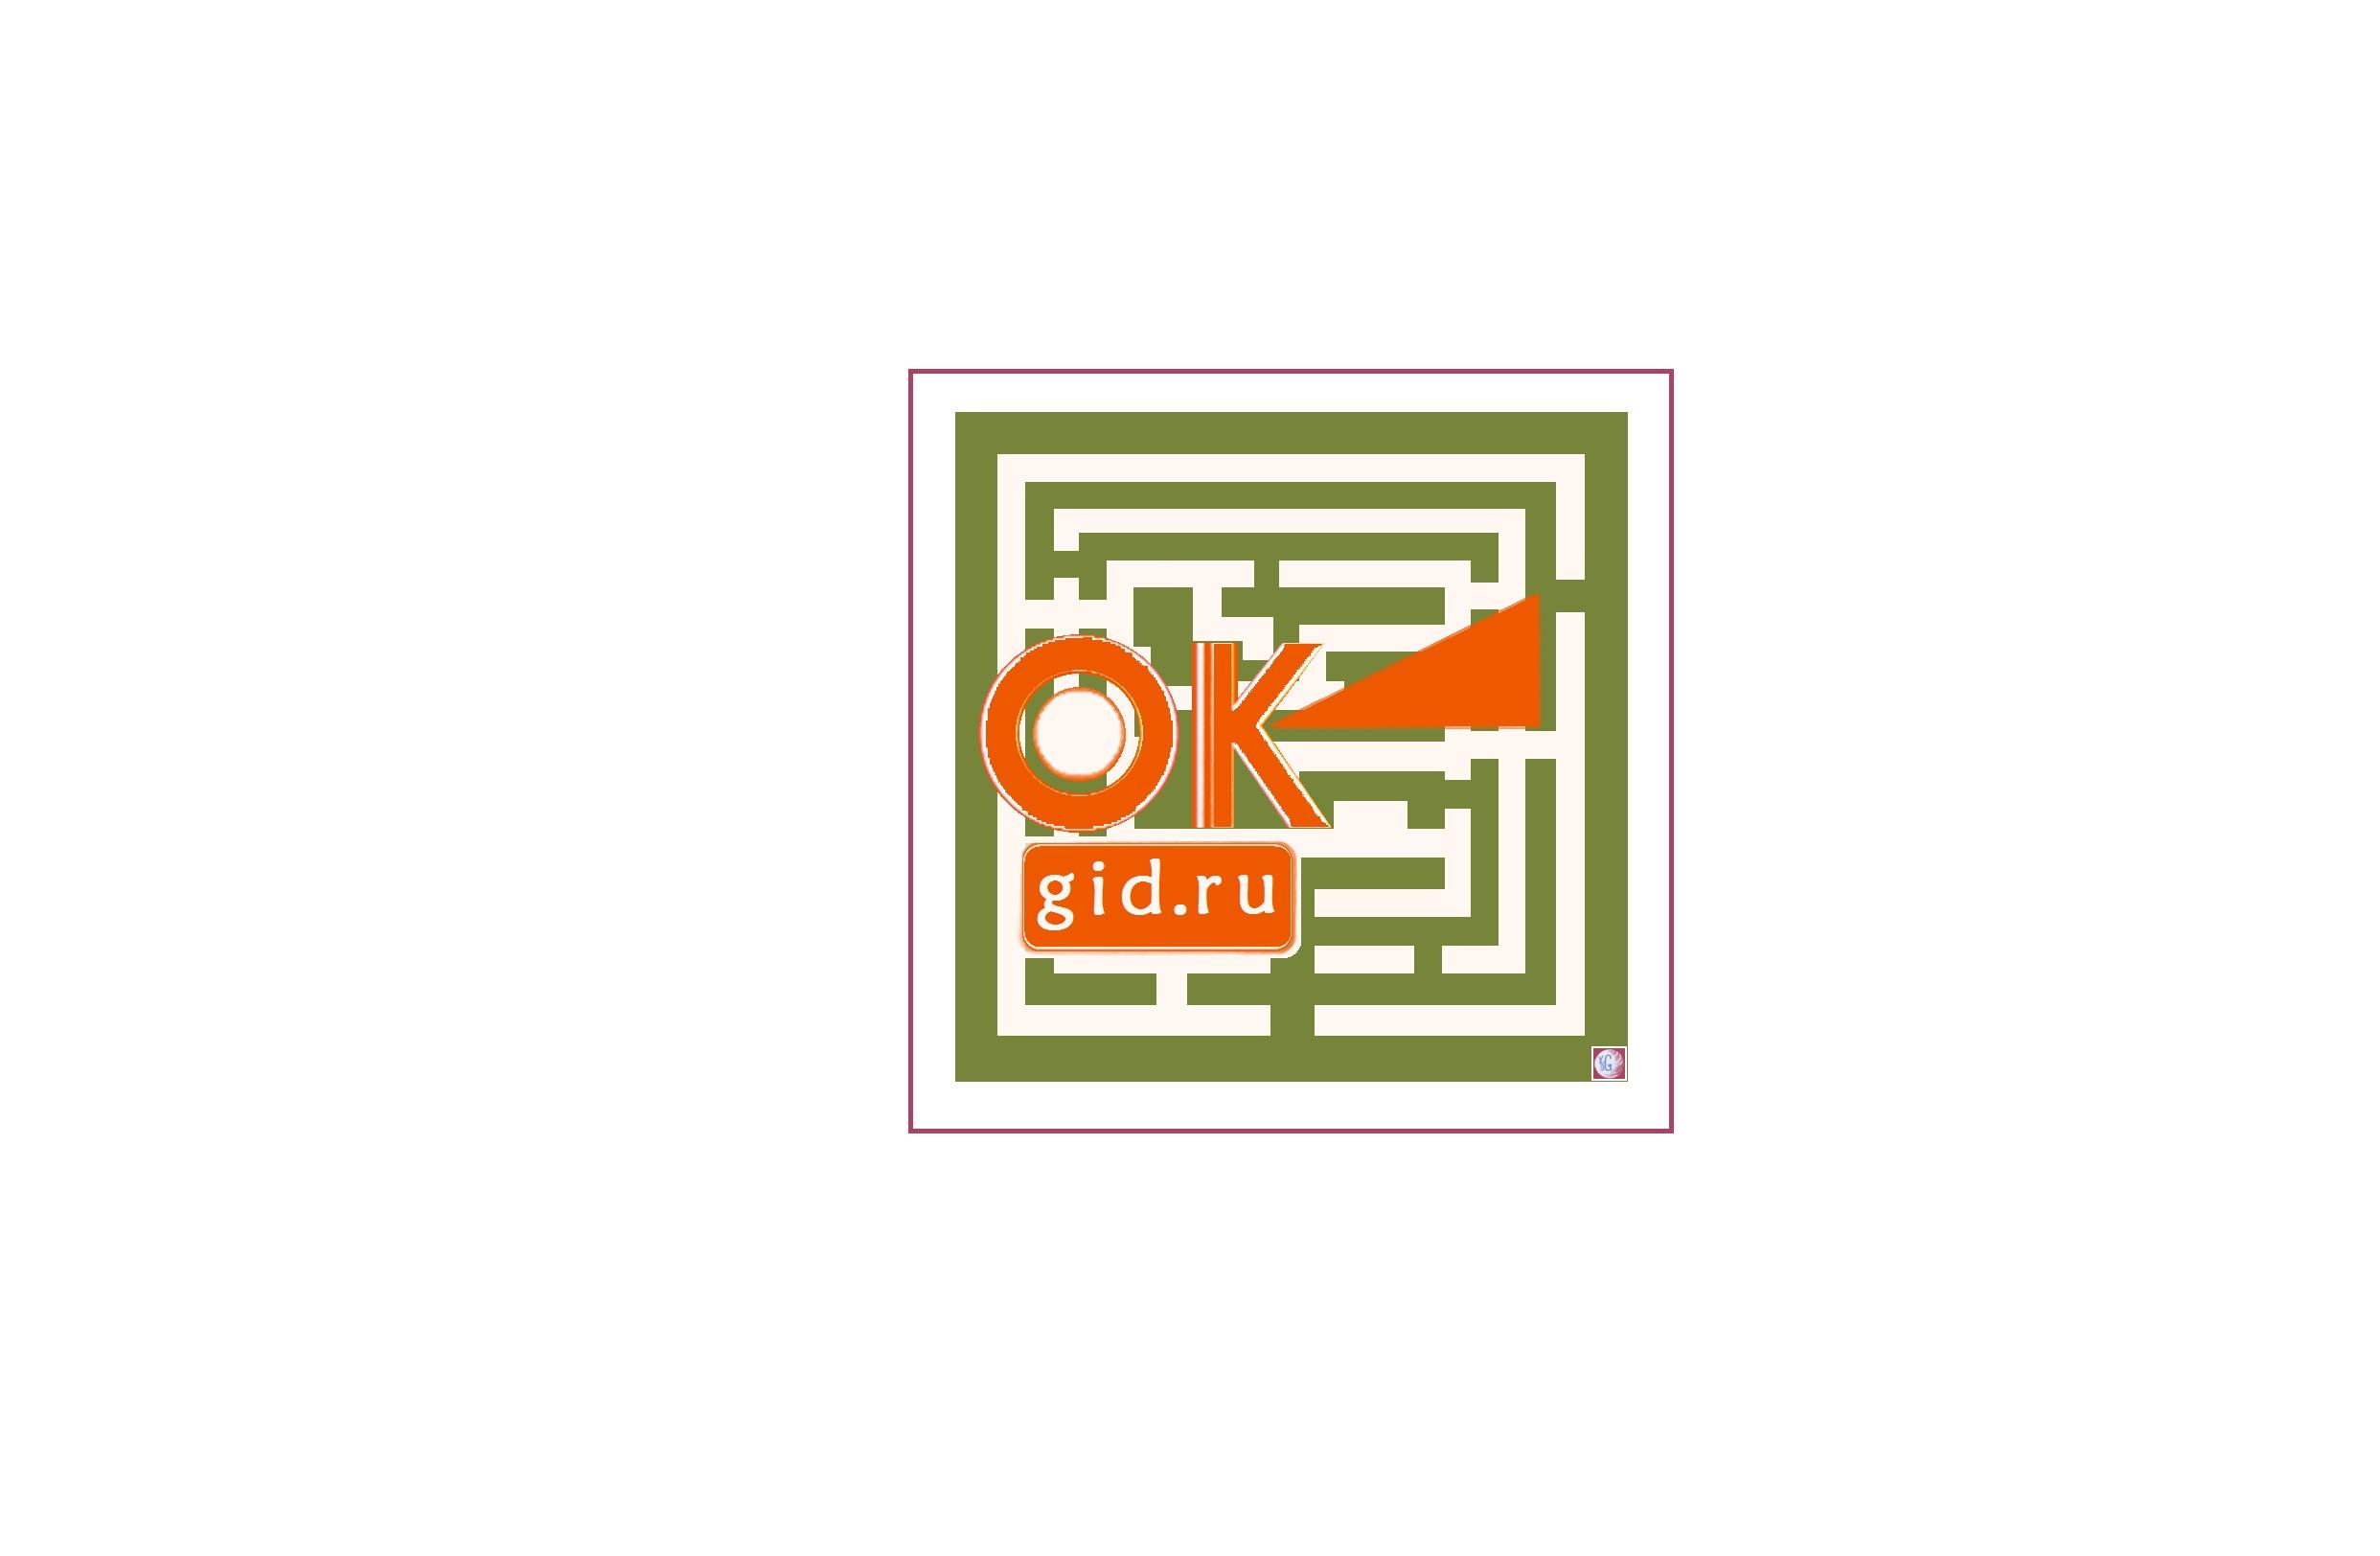 Логотип для сайта OKgid.ru фото f_82857c49b2c82cc4.jpg